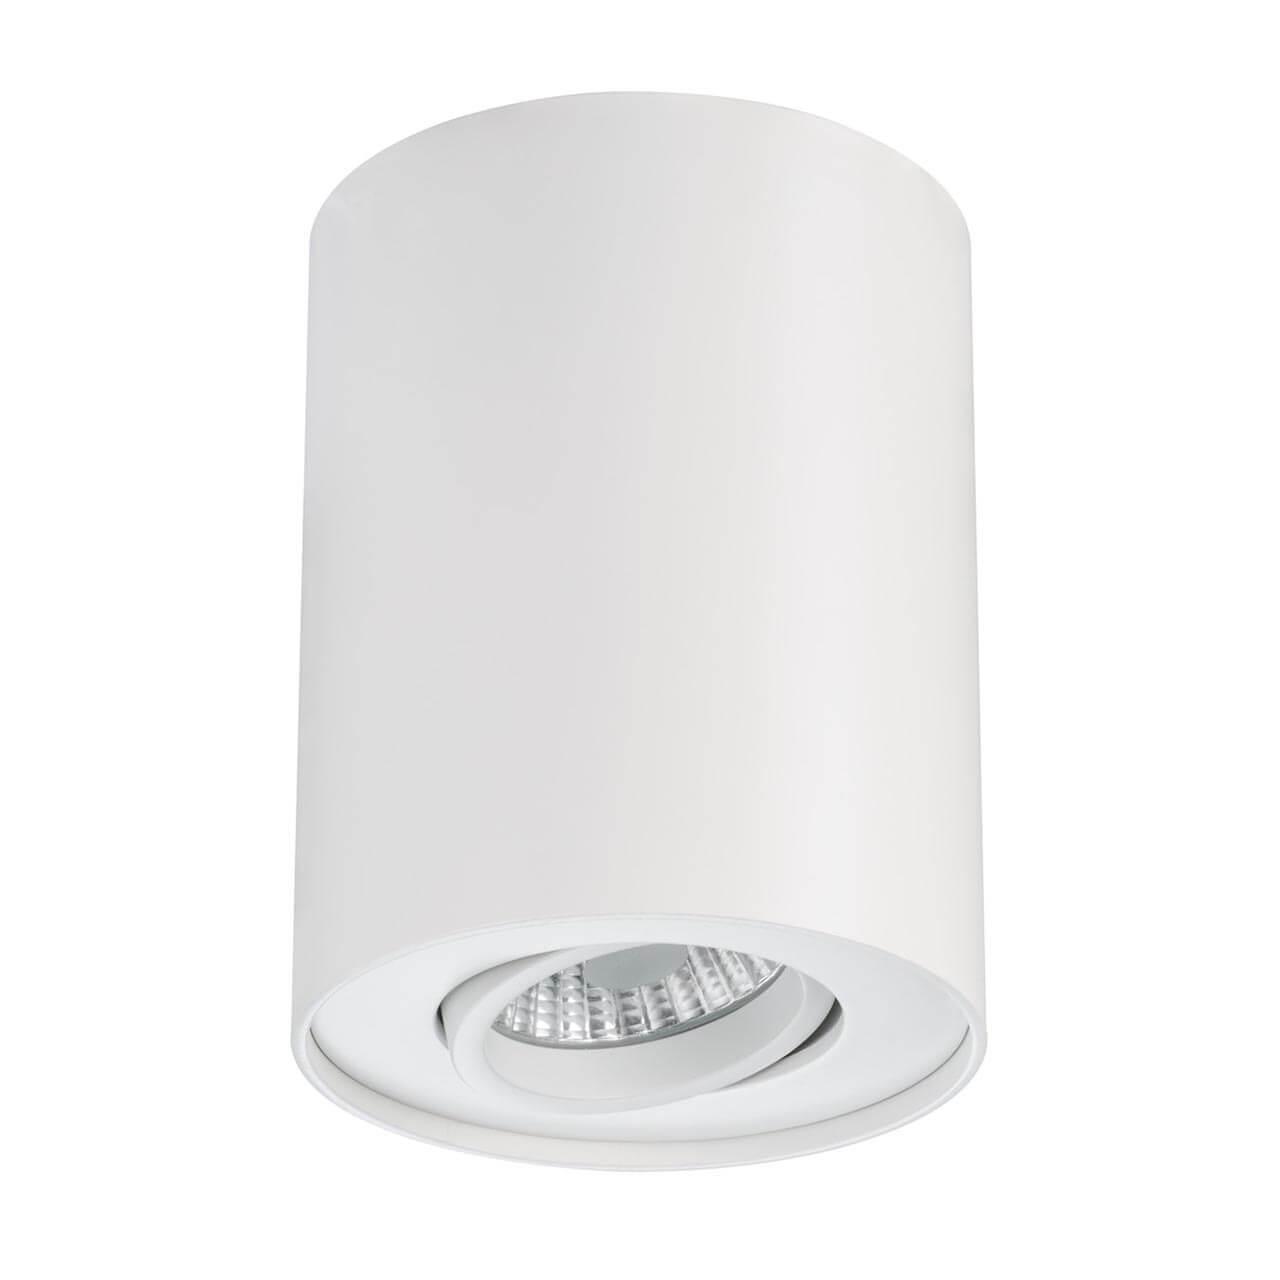 все цены на Потолочный светодиодный светильник Paulmann Premium Line 92690 онлайн